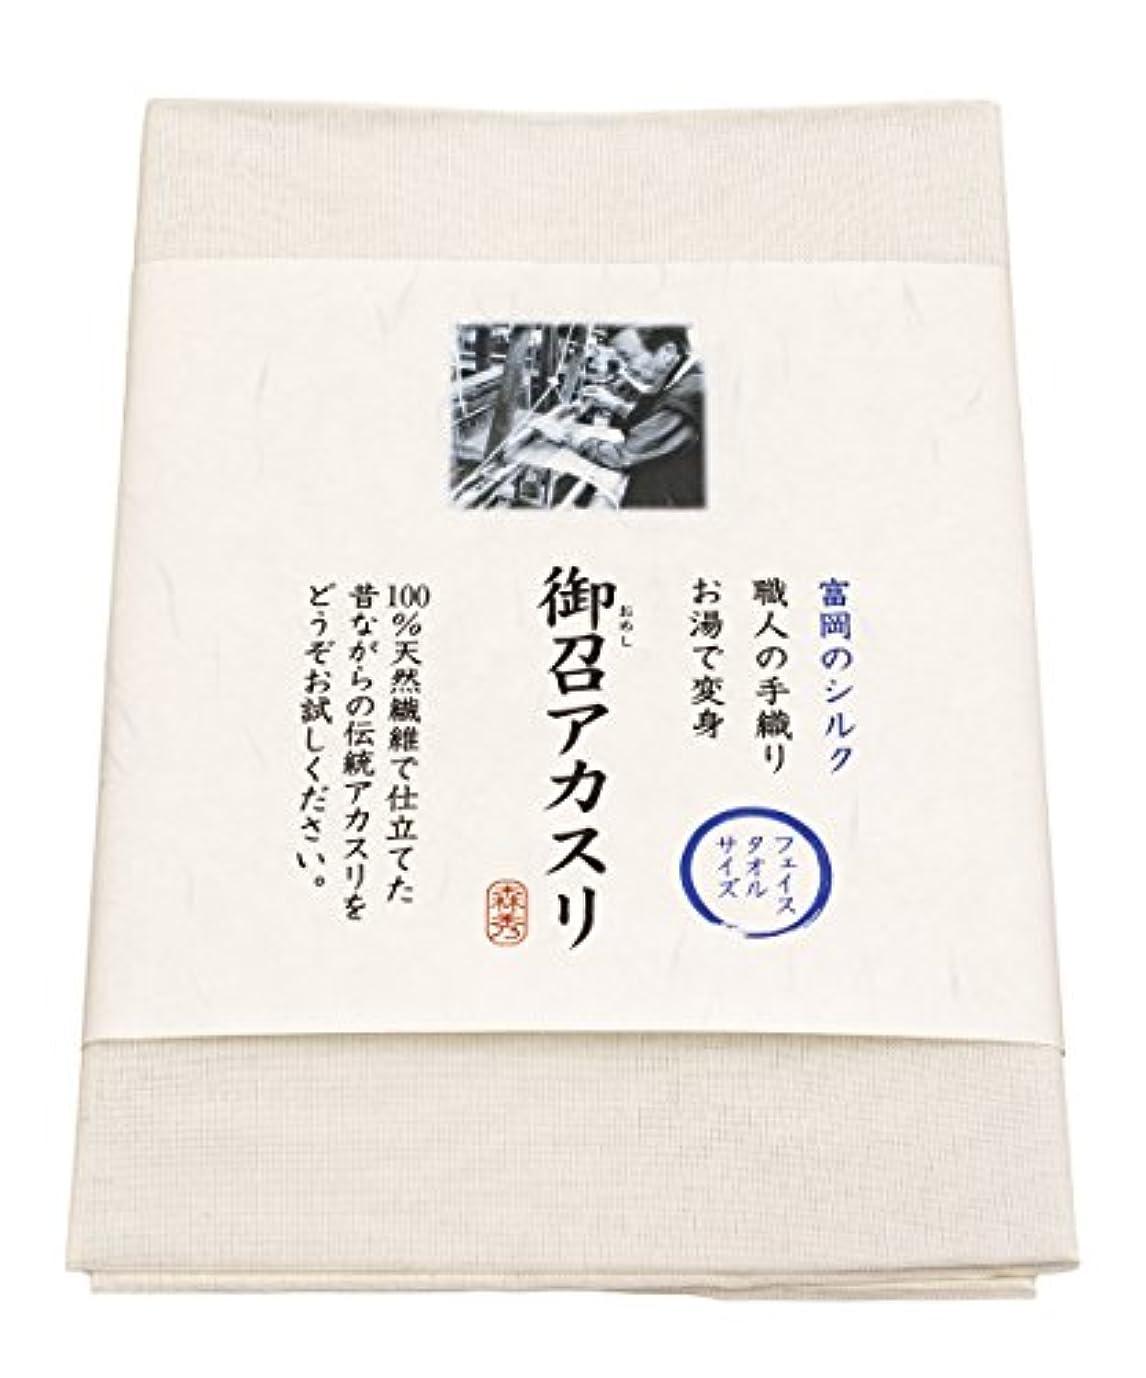 枢機卿多年生重くする森秀織物 御召アカスリ (60×40cm, 富岡シルク, 生成り)